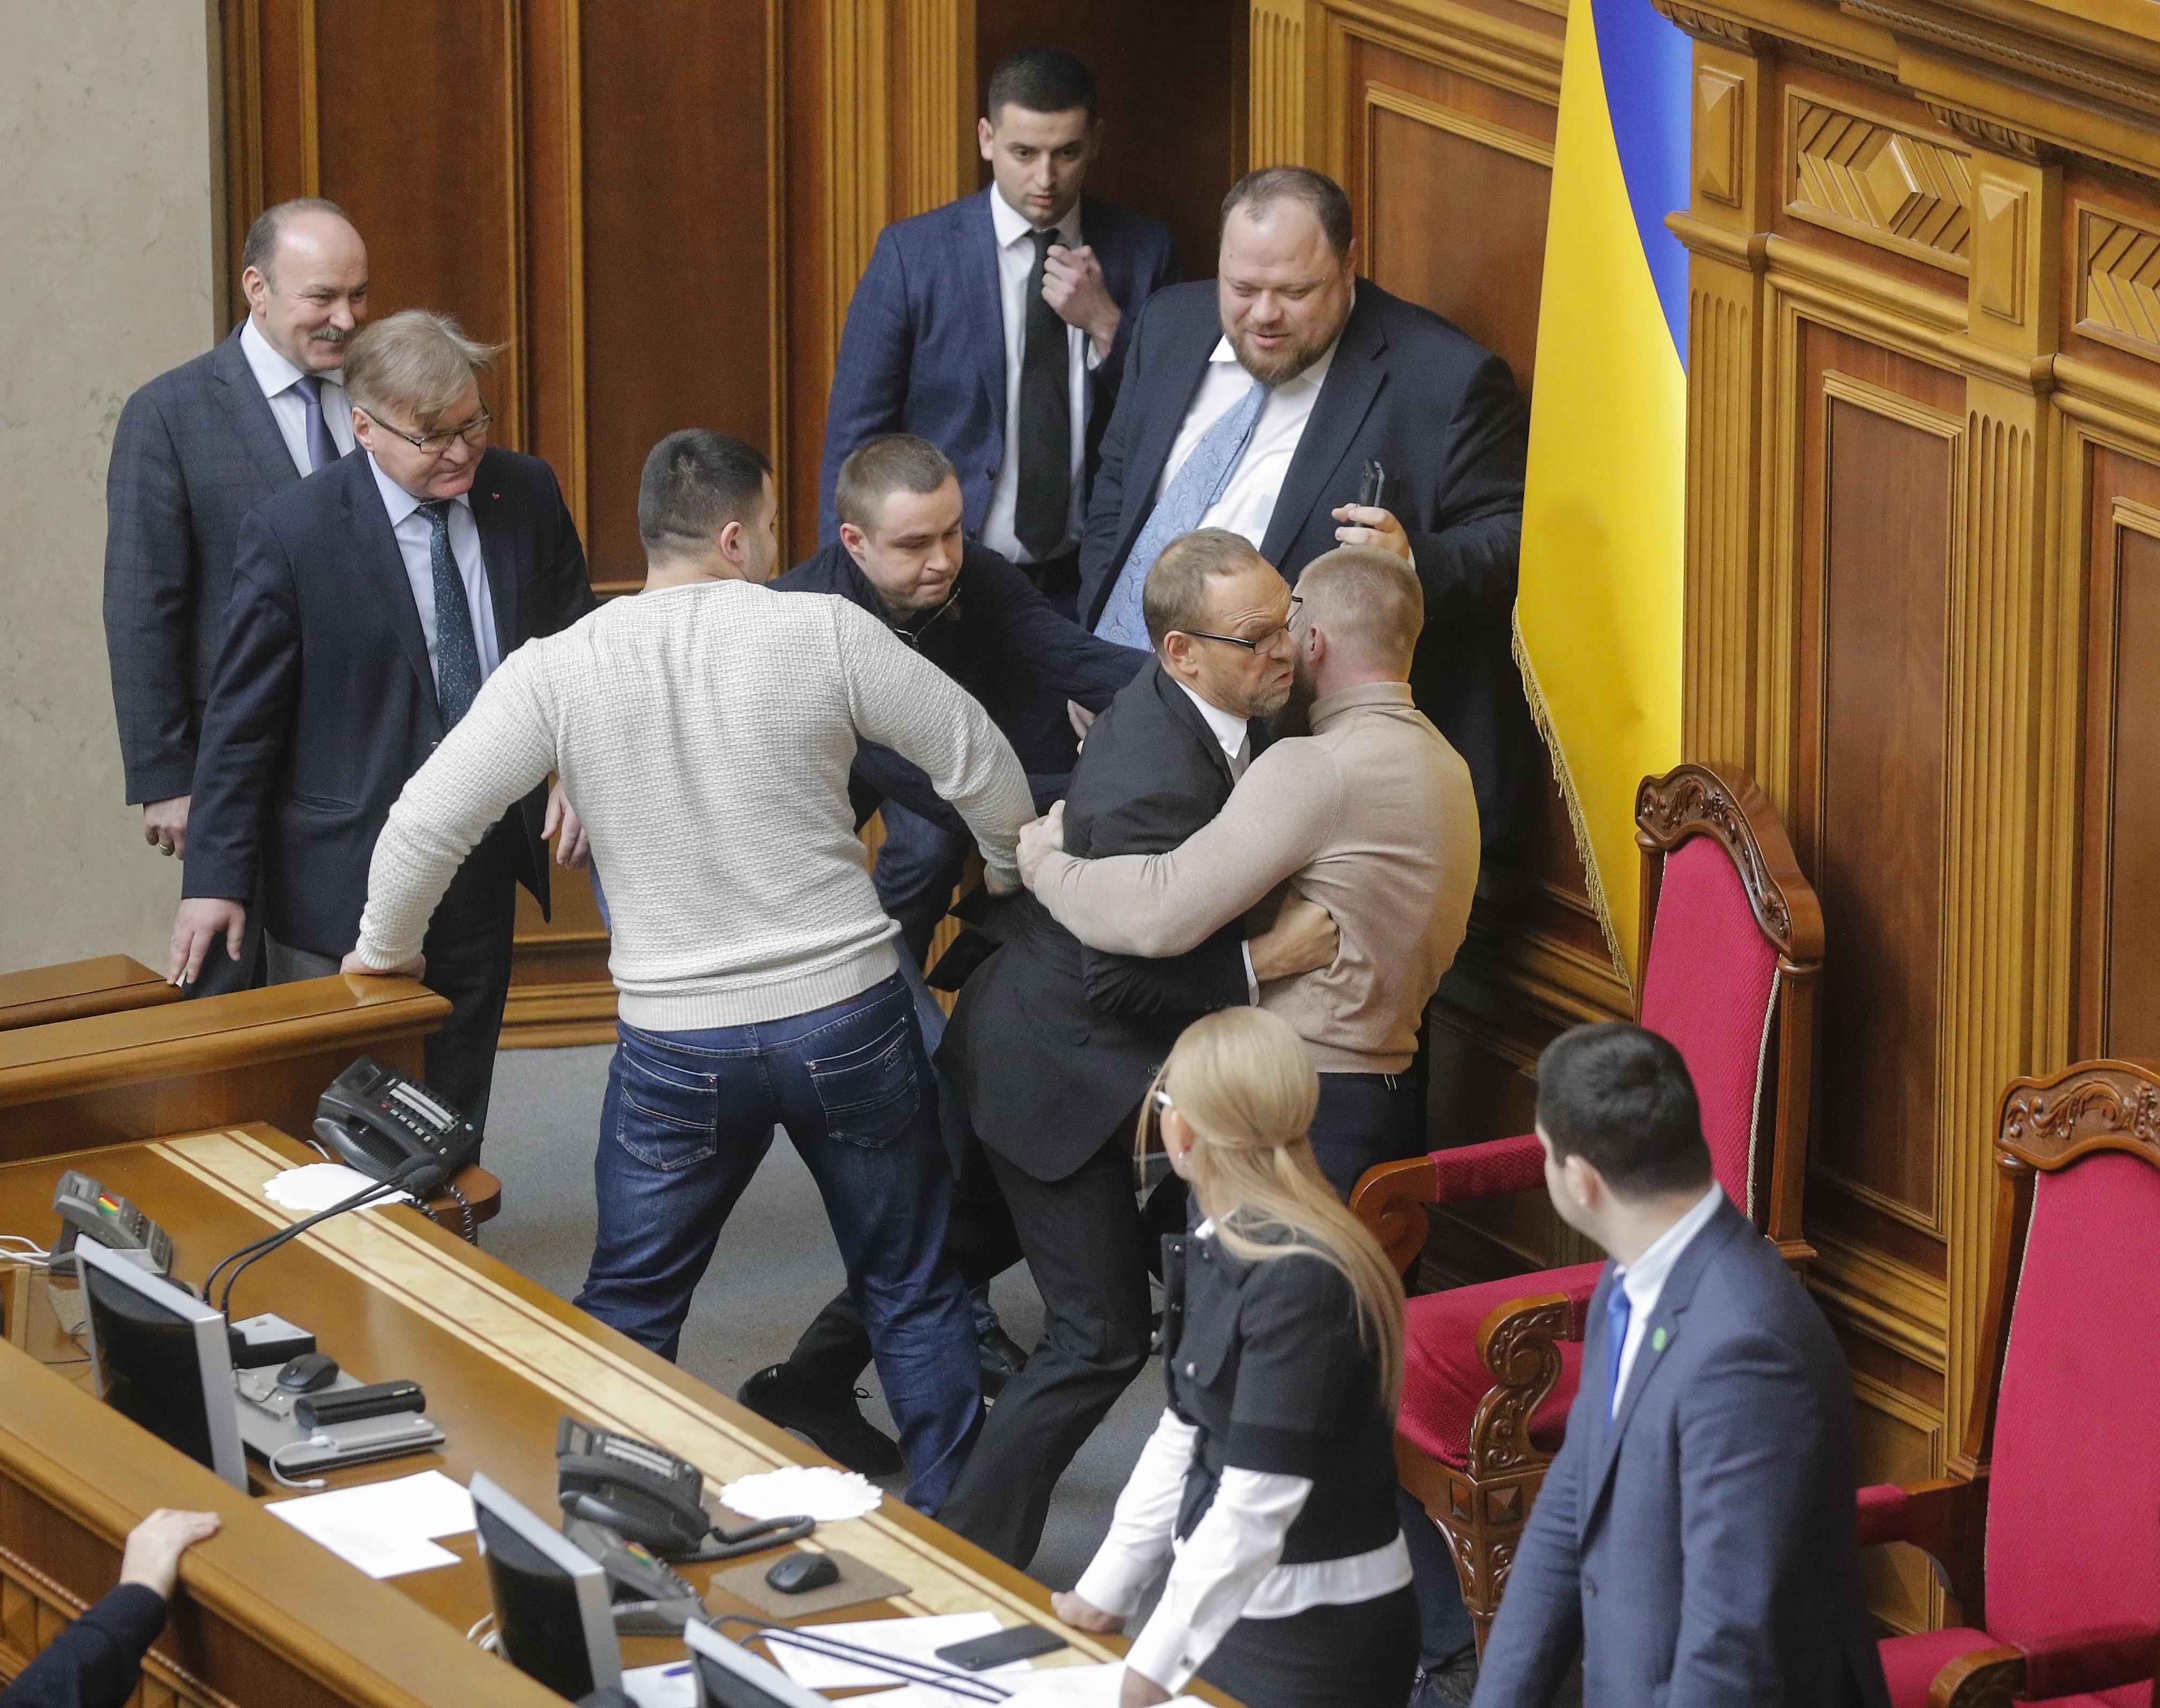 Сергей Власенко пытается прорваться в президиум (фото: EPA)